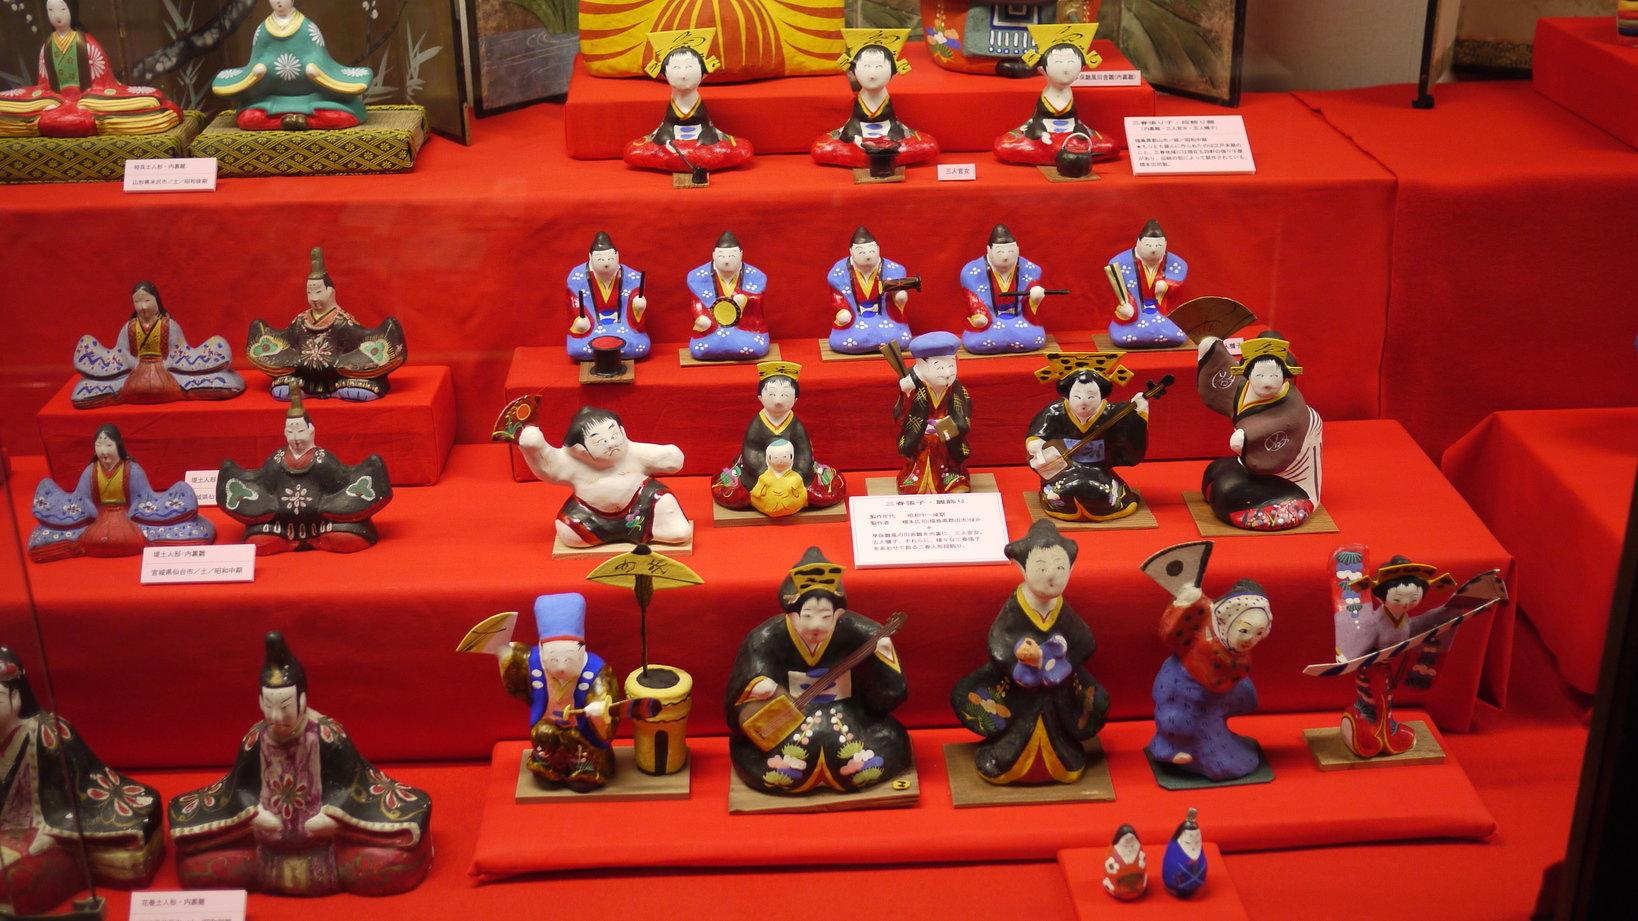 6号館の特別展で展示されていた全国の「ひな人形」。各地の伝統職人の技術を感じることができます